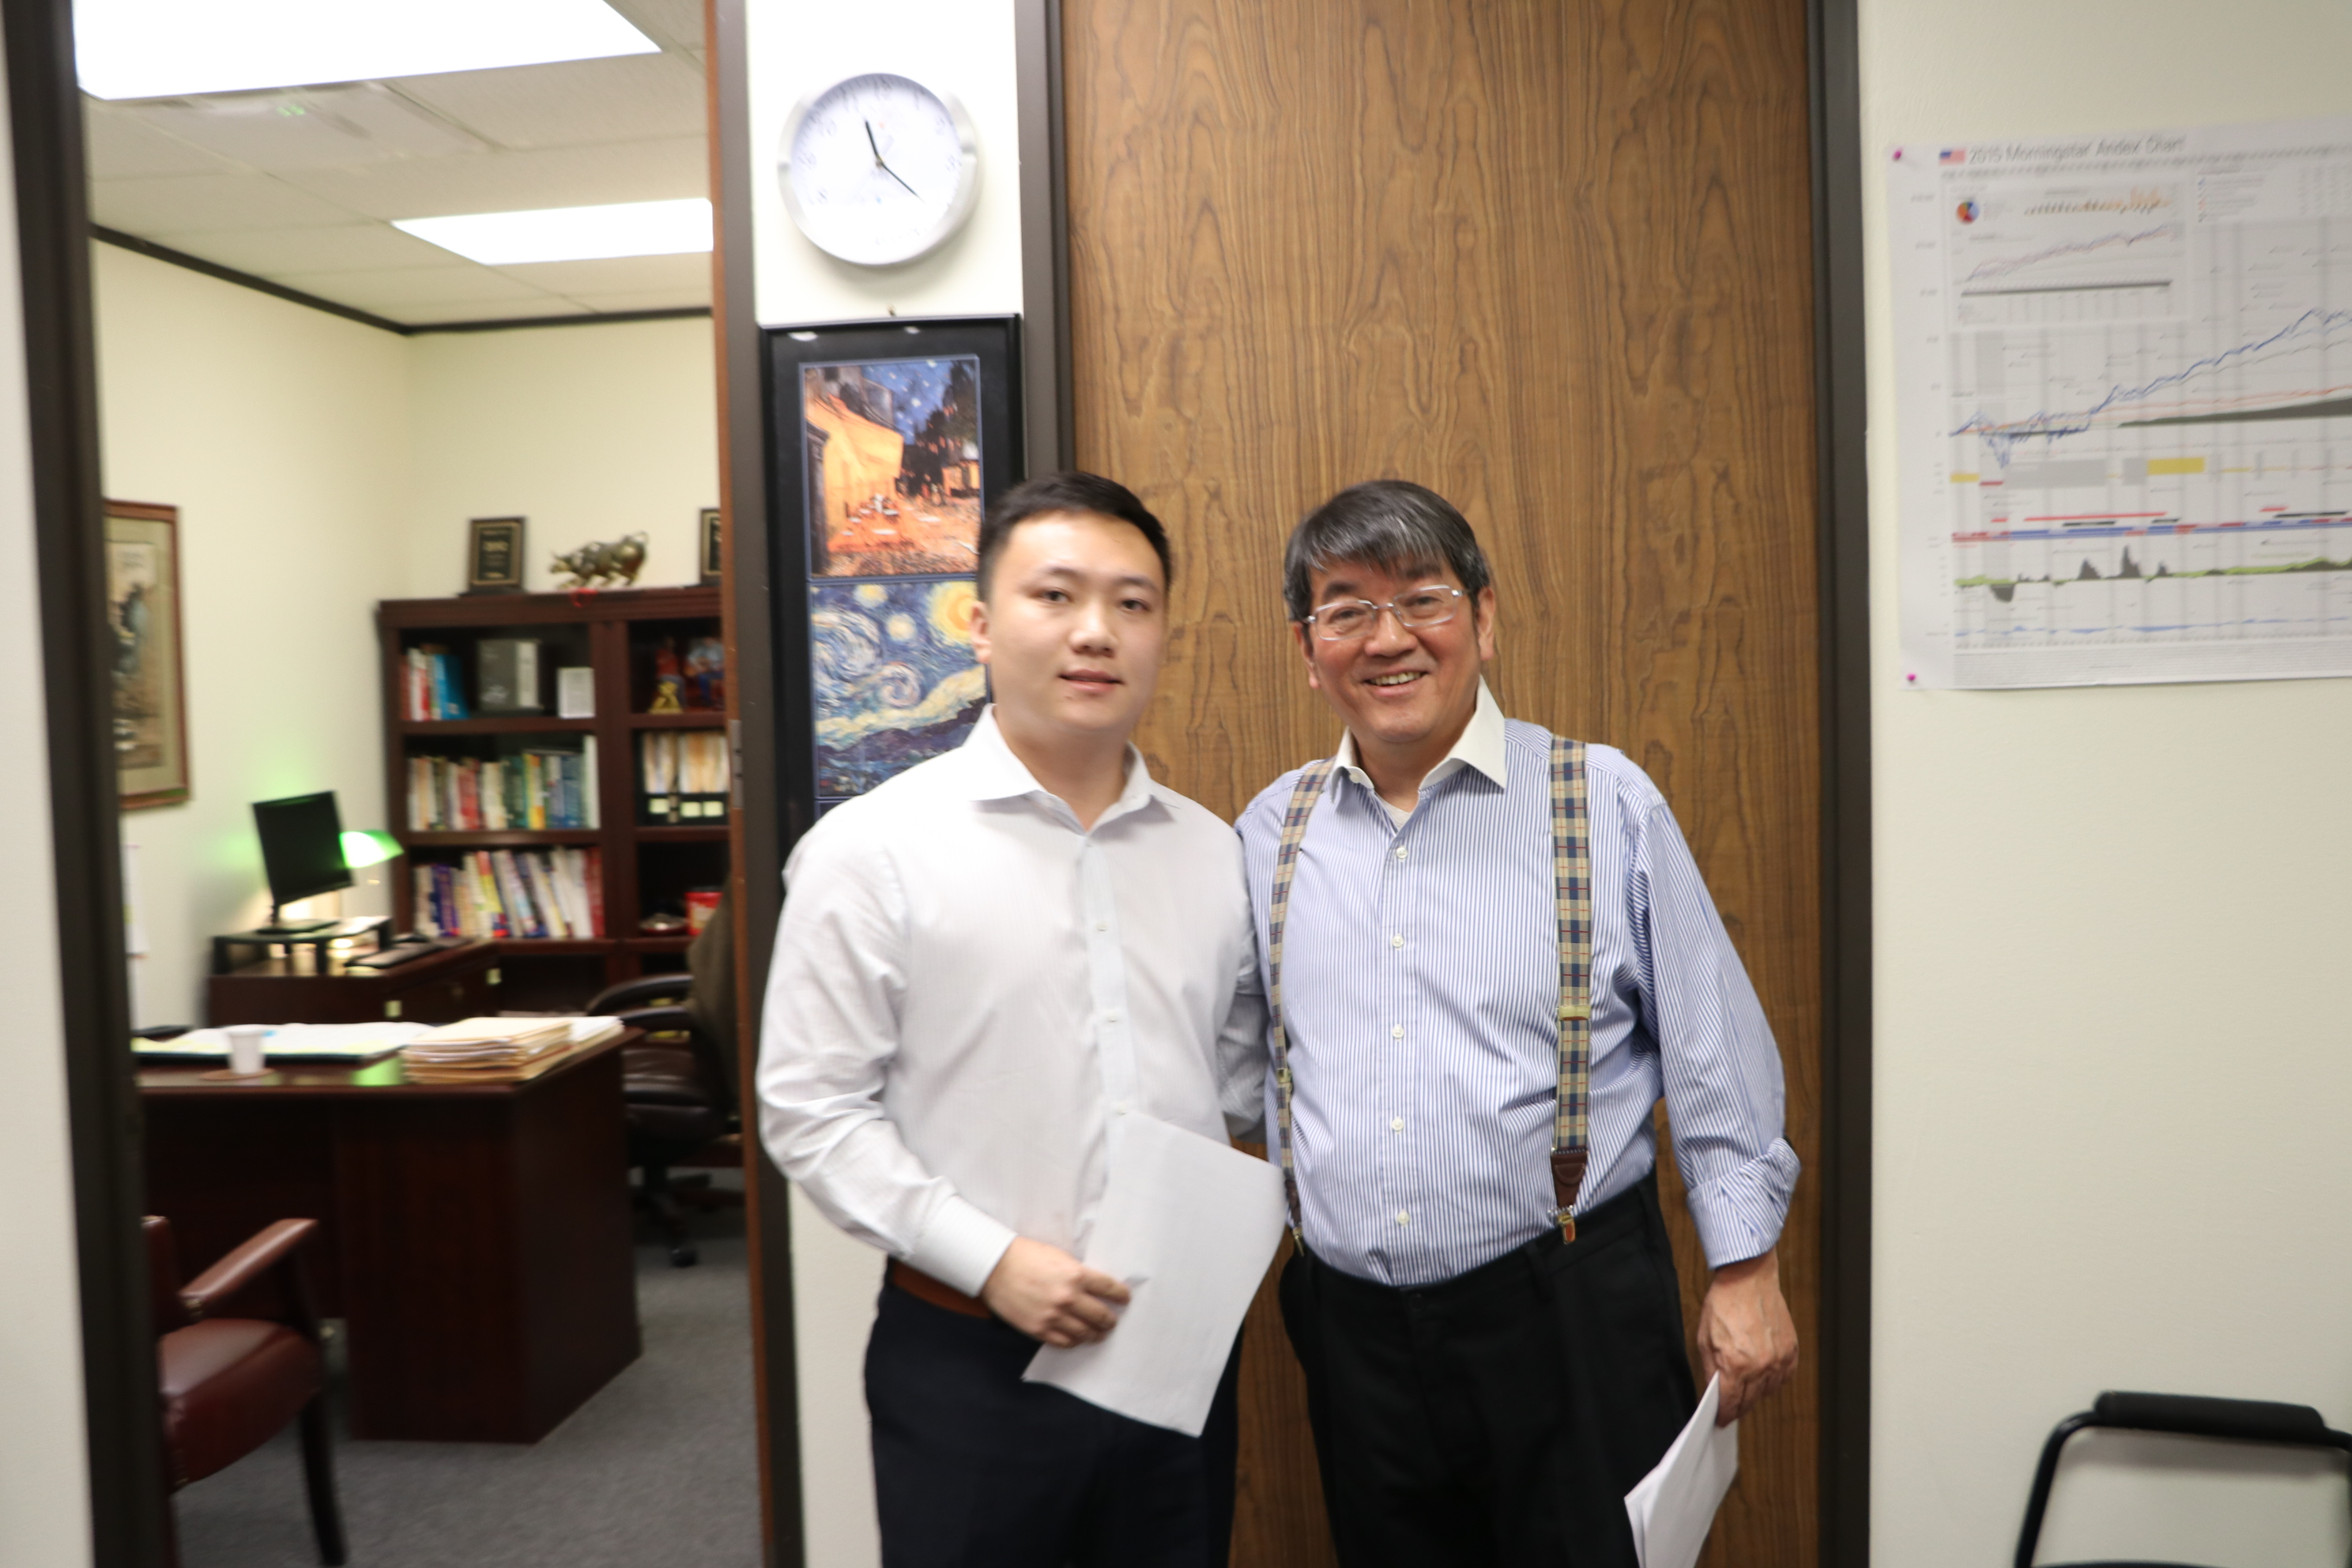 理財顧問蕭雲祥(右)與保險經紀人顏琦(左)在投資理財座談會中,一同為投資人規劃未來的投資保本計畫。(記者封昌明/攝影)